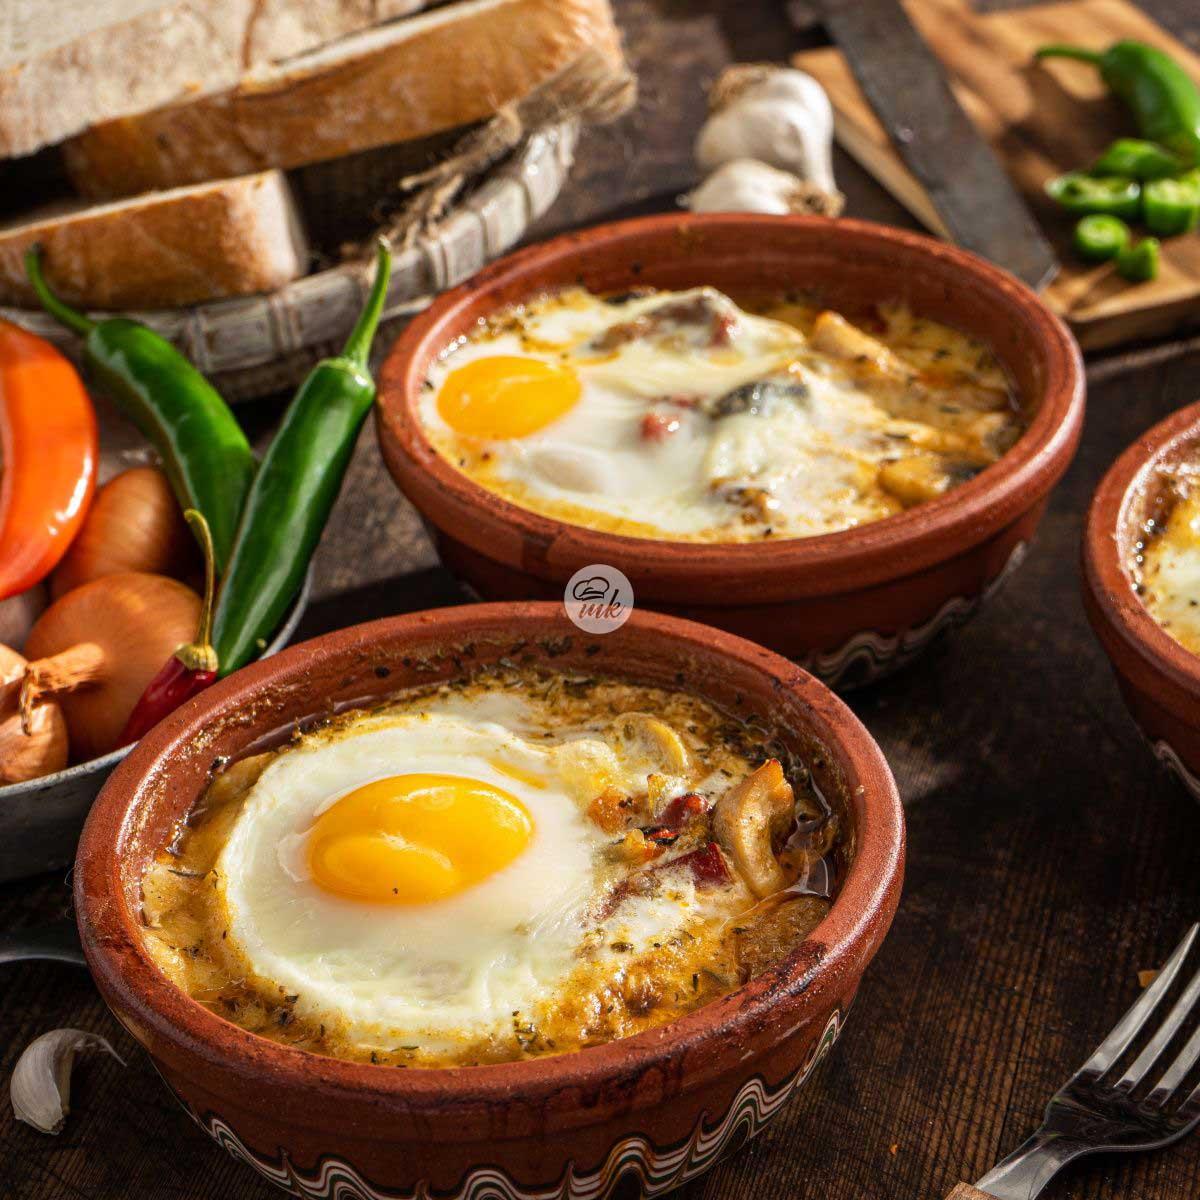 гювече със запечено отгоре яйце, декорирано с филийки черен хляб, чесън, пресни люти чушки и глава лук